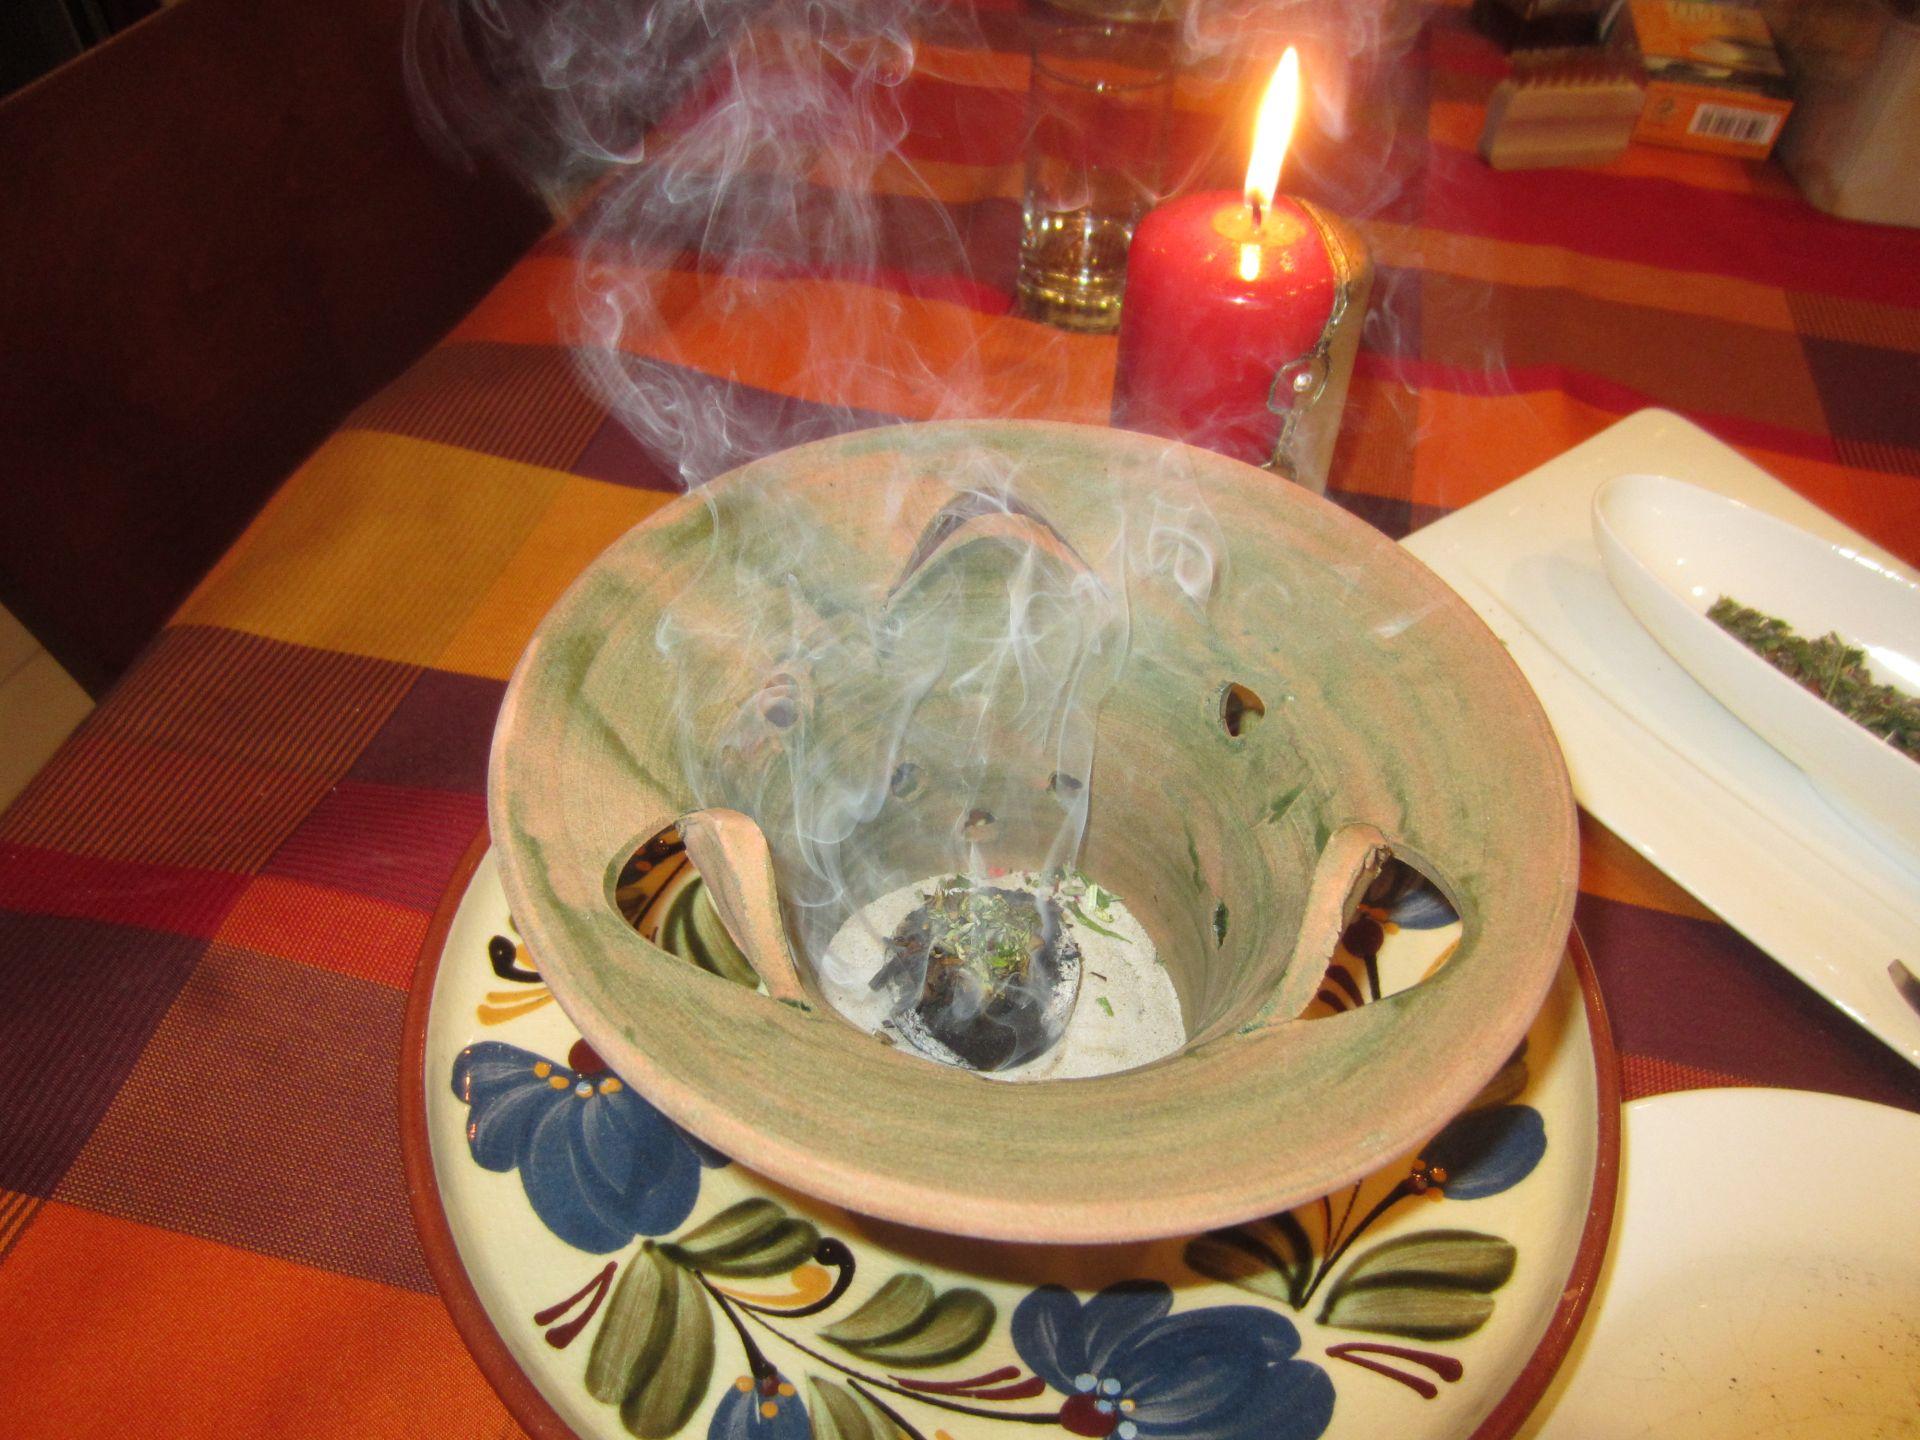 3 bis 6 minuten räuchern, bis dass man verkohltes riecht, dann nochmals auflegen, weitere 3 bis 6 minuten räuchern - räuchervorgang kann bis zu 20 minuten dauern - anschließend räucherschale aus dem raum bringen und lüften.